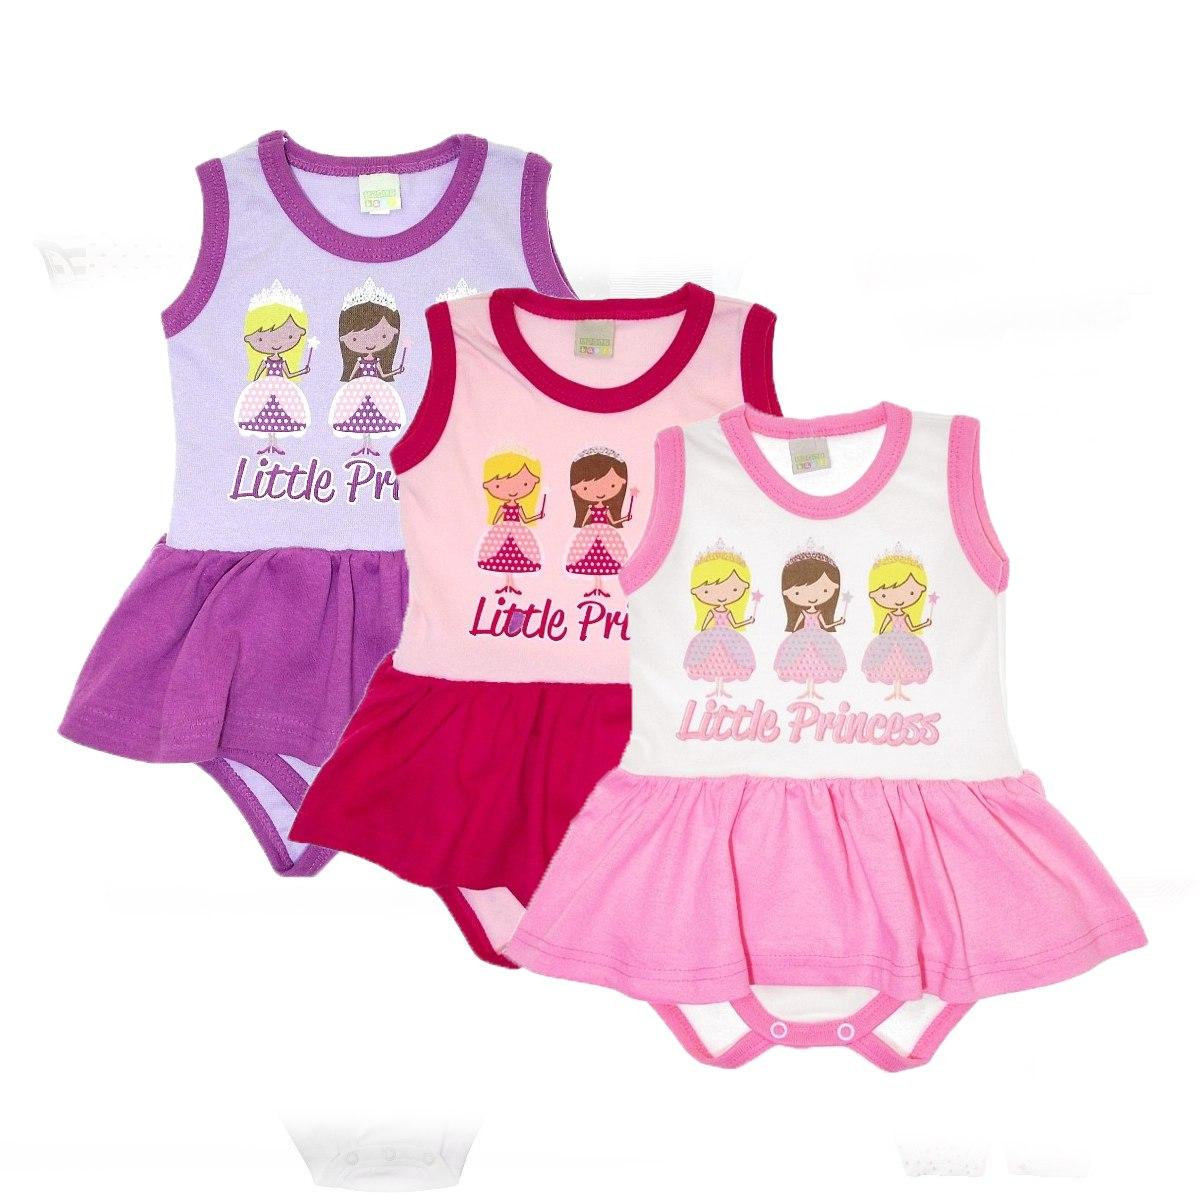 Body De Bebê Com Vestidinho Mais Barato Promoção - R  20,00 em Mercado Livre 566fd392ba